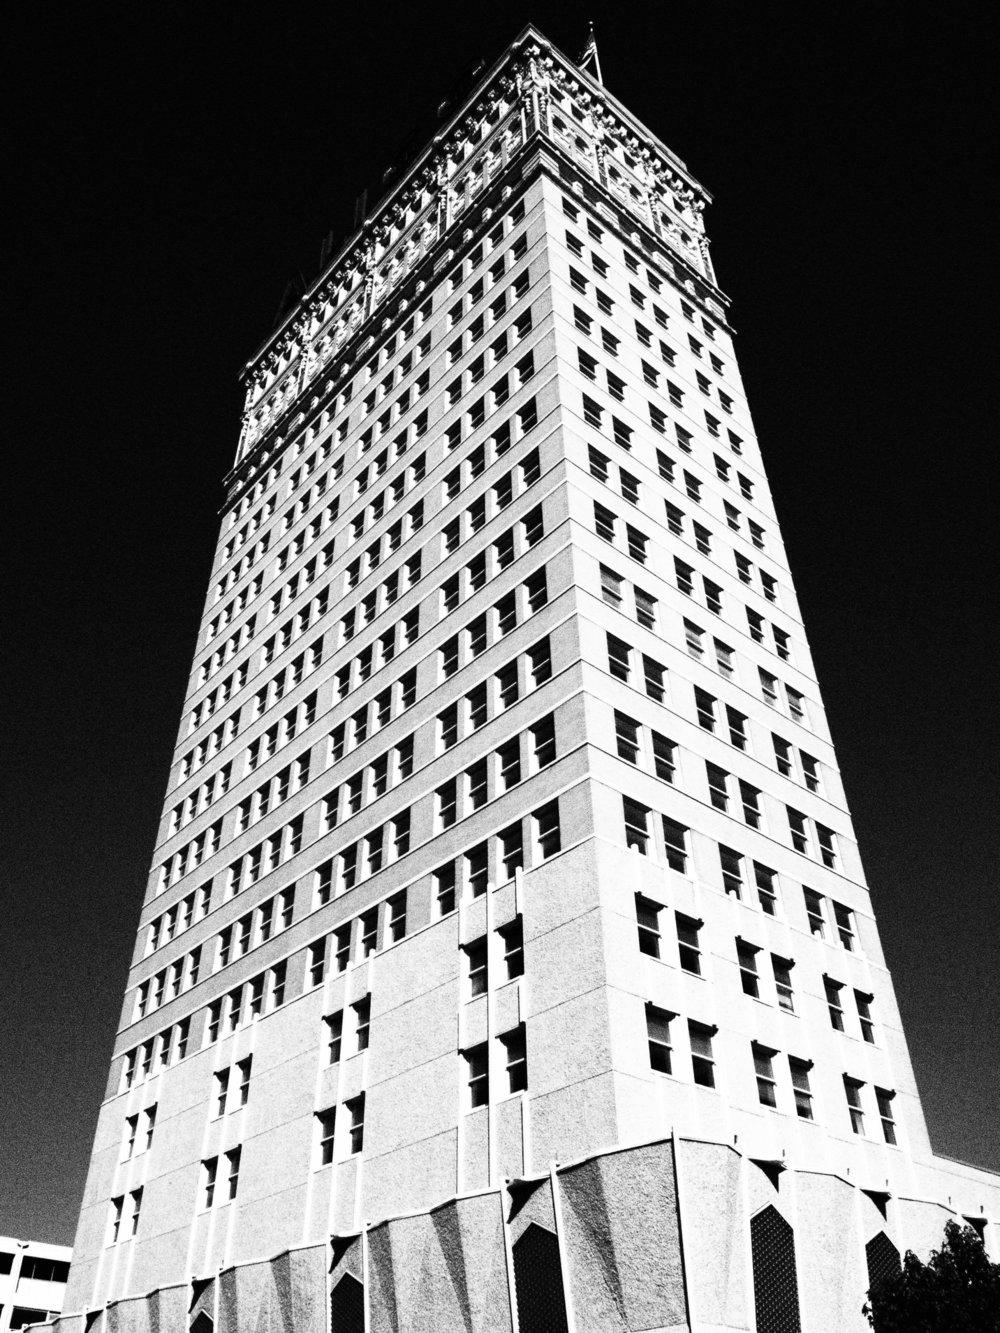 Alico Building, Waco, Texas. ©amgardner 2017.